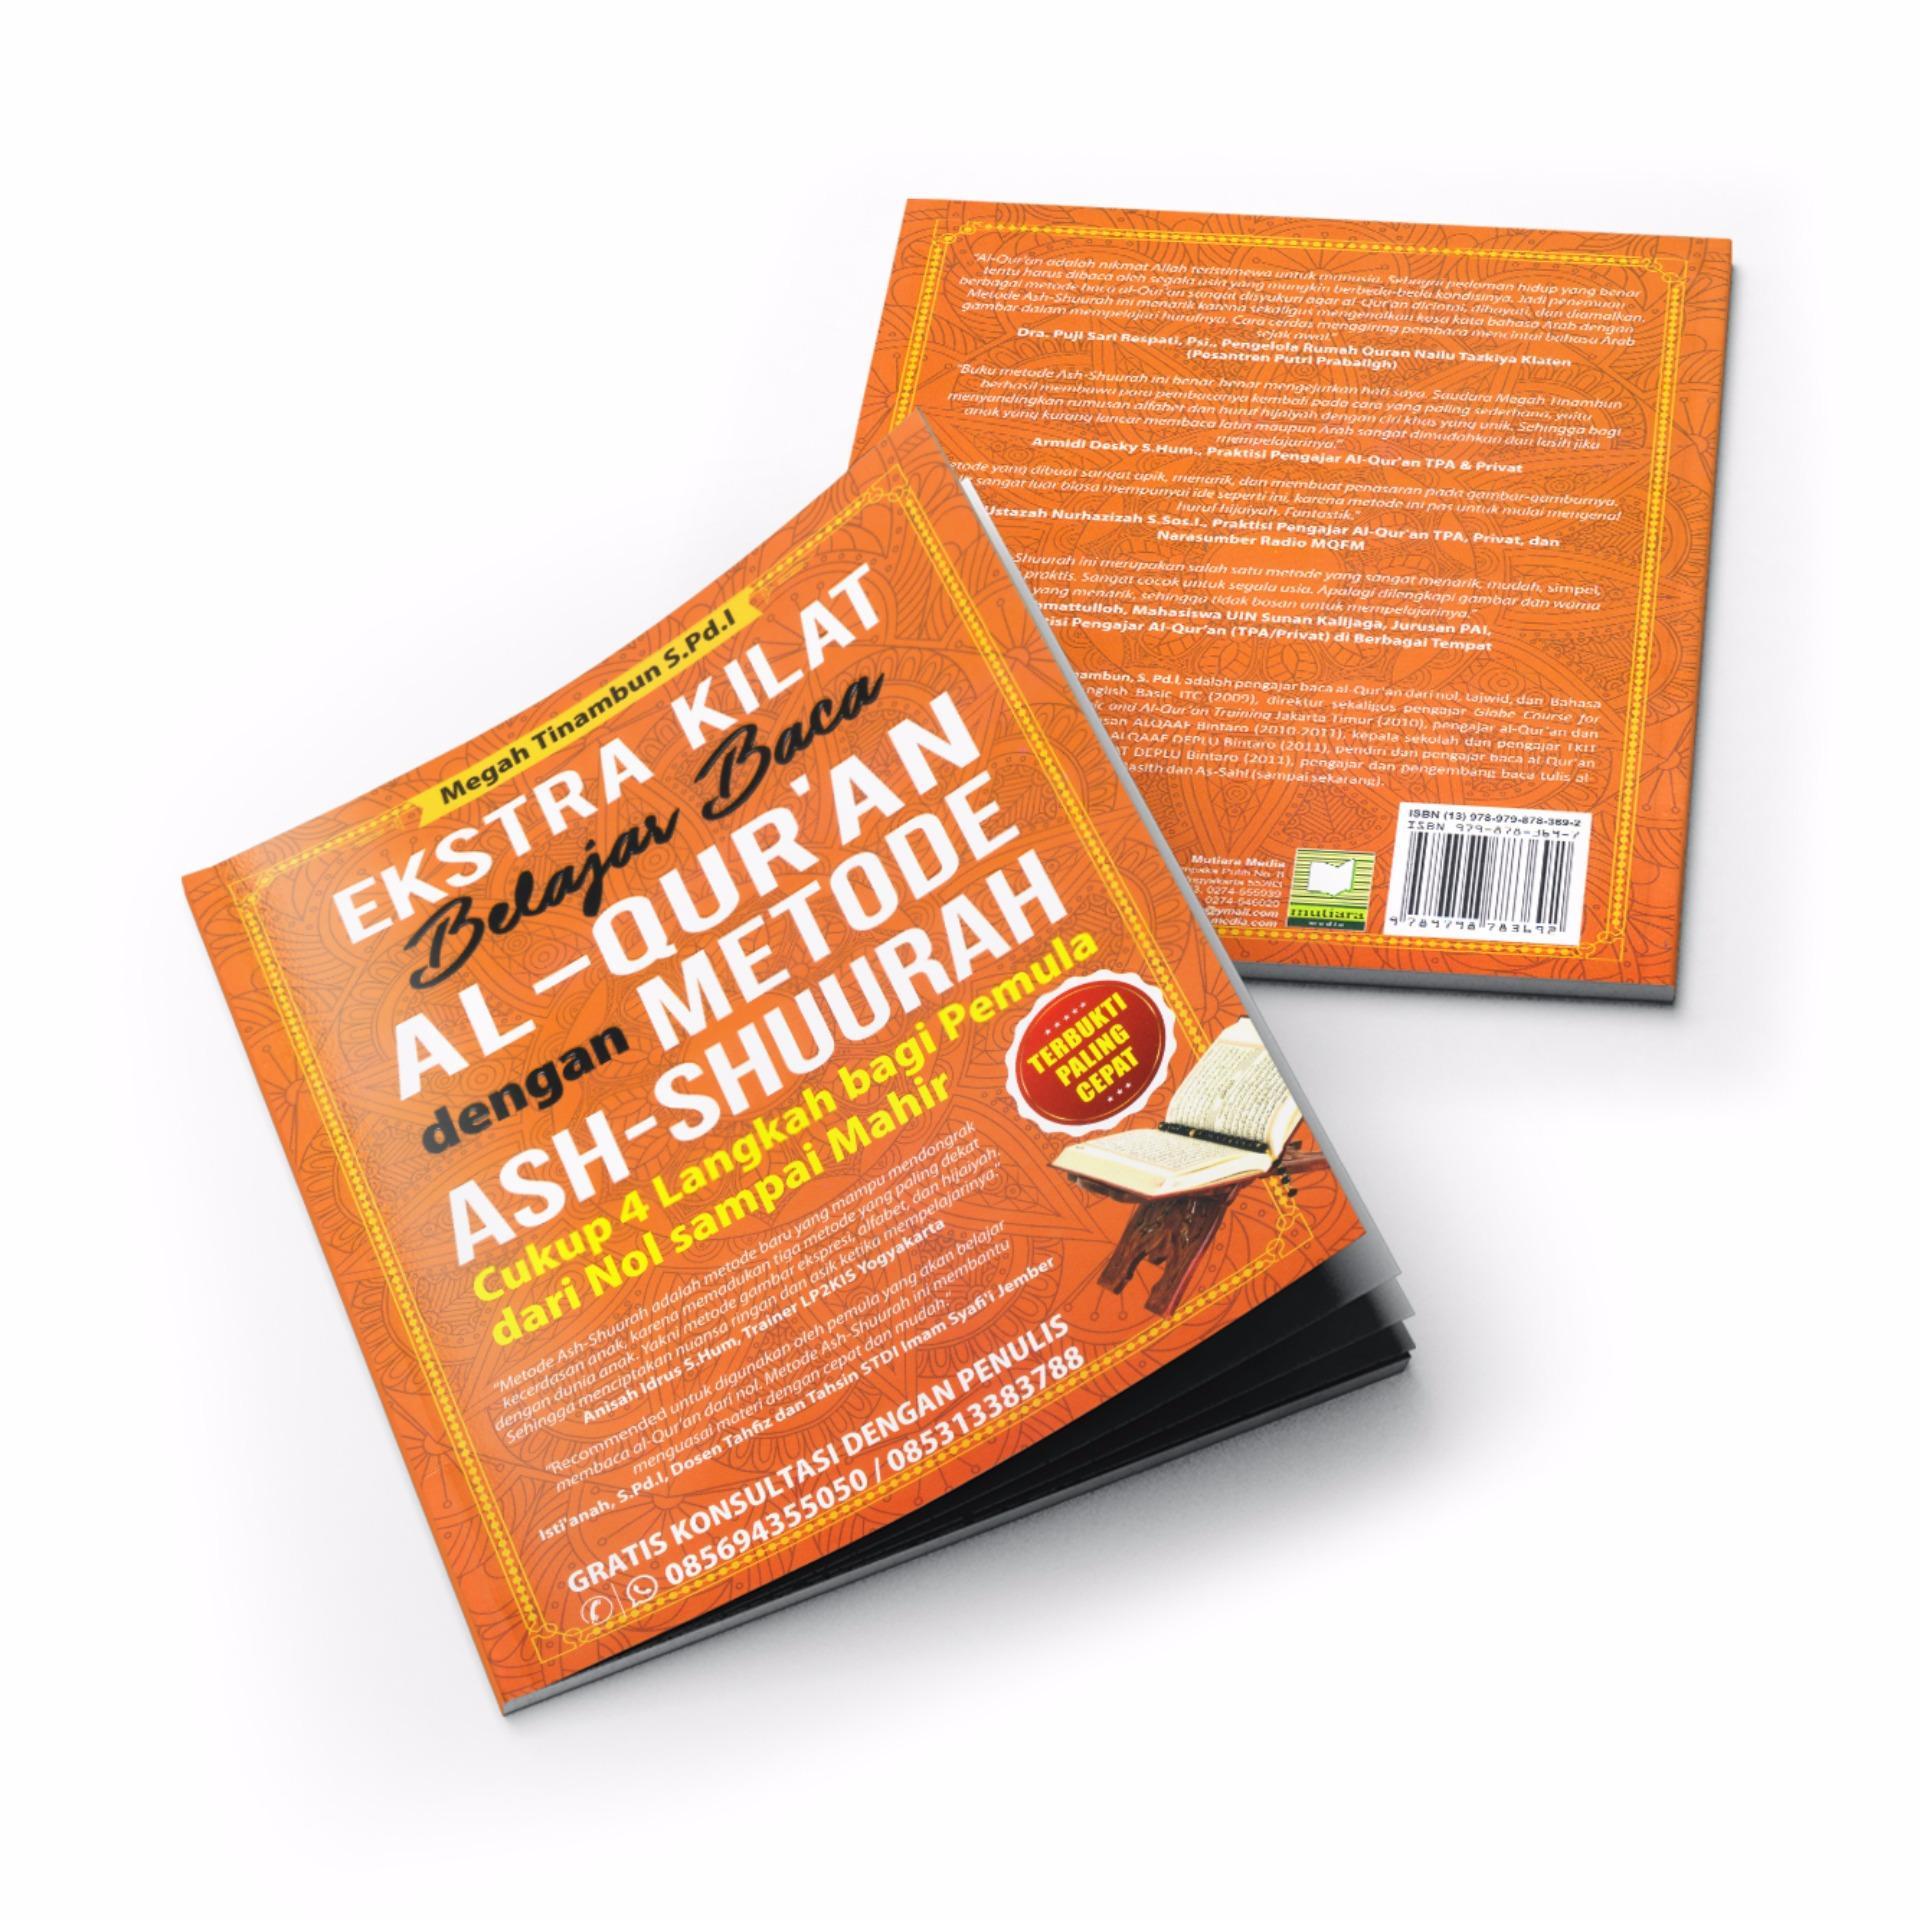 Buku Seru - Ekstra Kilat Belajar Baca Al-Qur'an dengan MetodeAsh-Shuurah